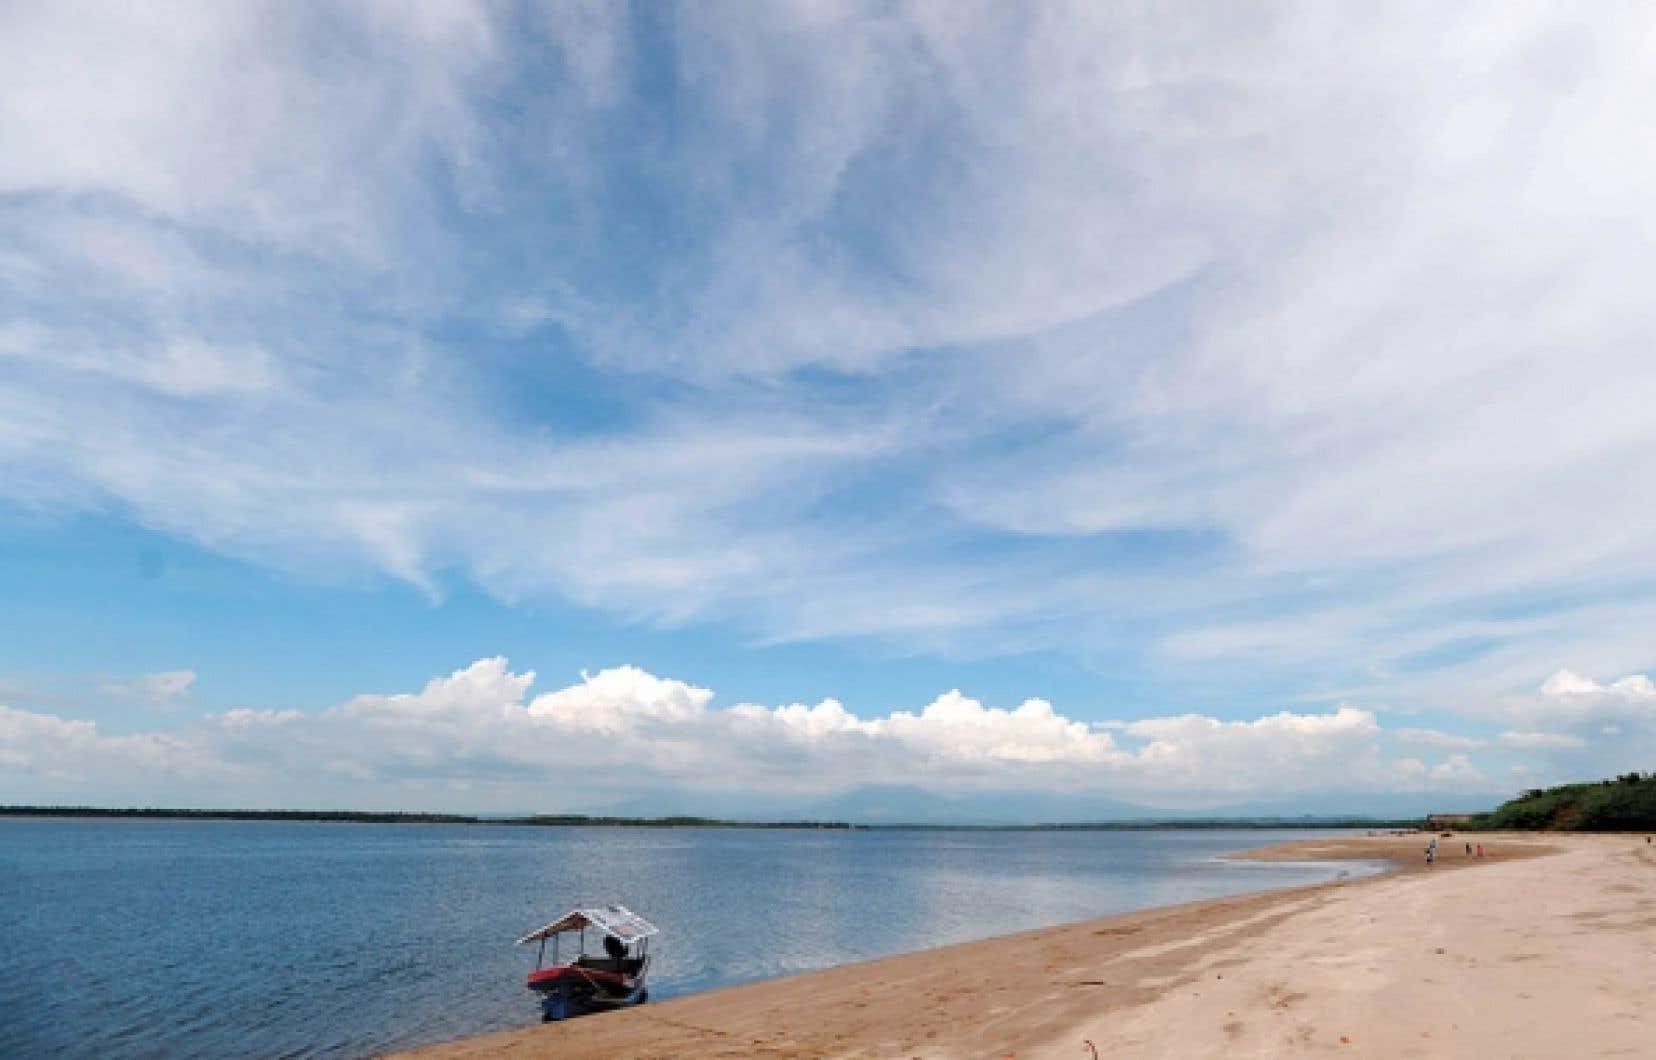 L'île La Pirray dans la baie de Jiquilisco, à 118 kilomètres au sud-est de San Salvador, une zone protégée de la côte salvadorienne.<br />